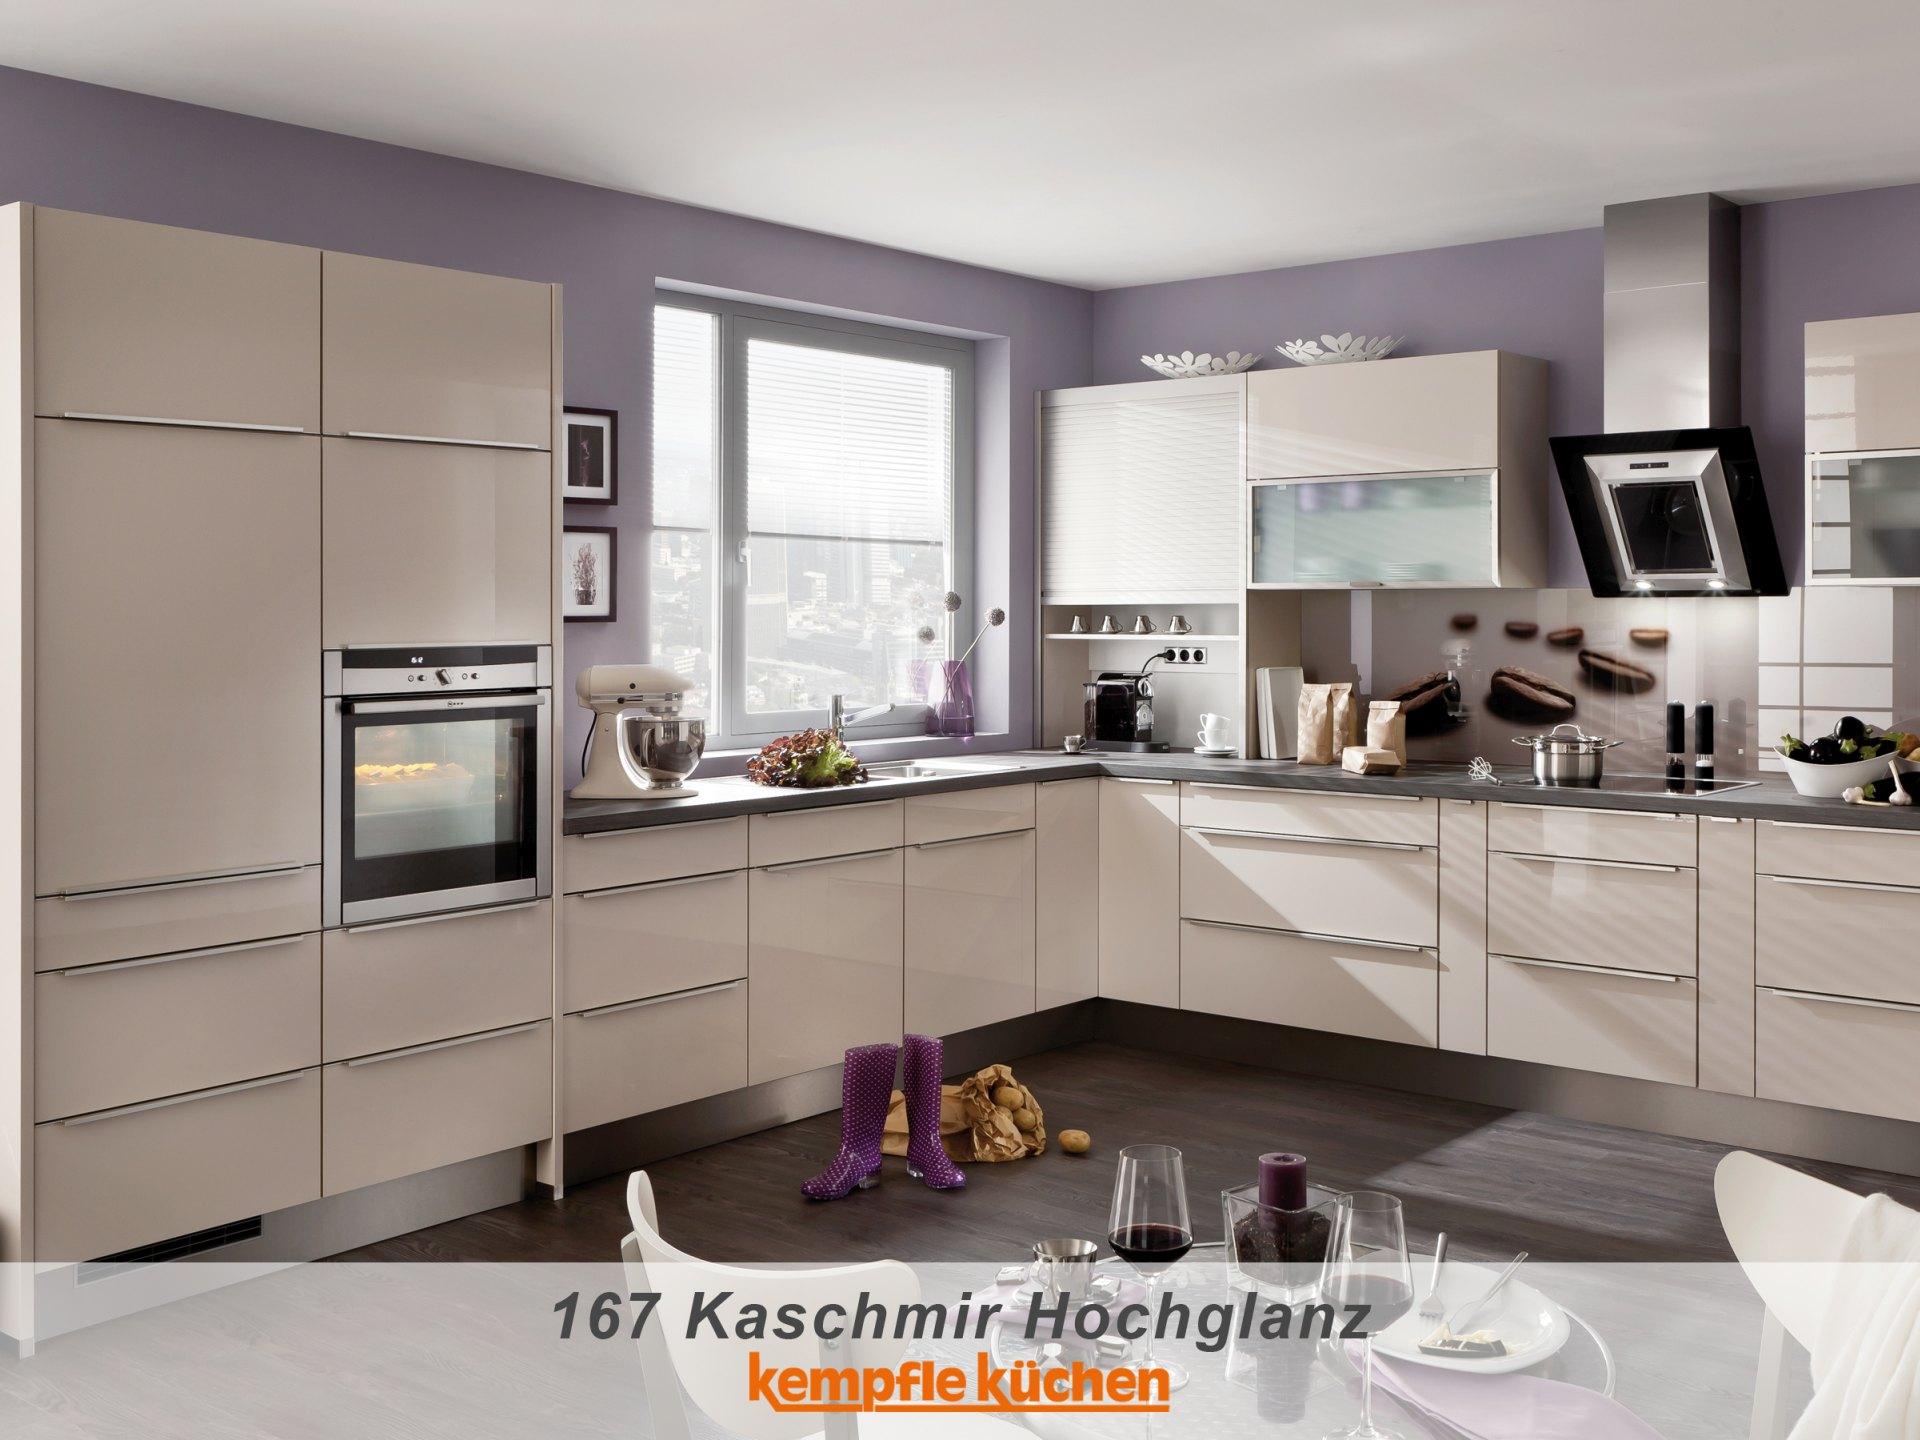 Full Size of Kratzer Aus Hochglanz Küche Polieren Hochglanz Küche Günstig Kaufen Hochglanz Küche Erfahrungen Hochglanz Küche Pflege Küche Hochglanz Küche